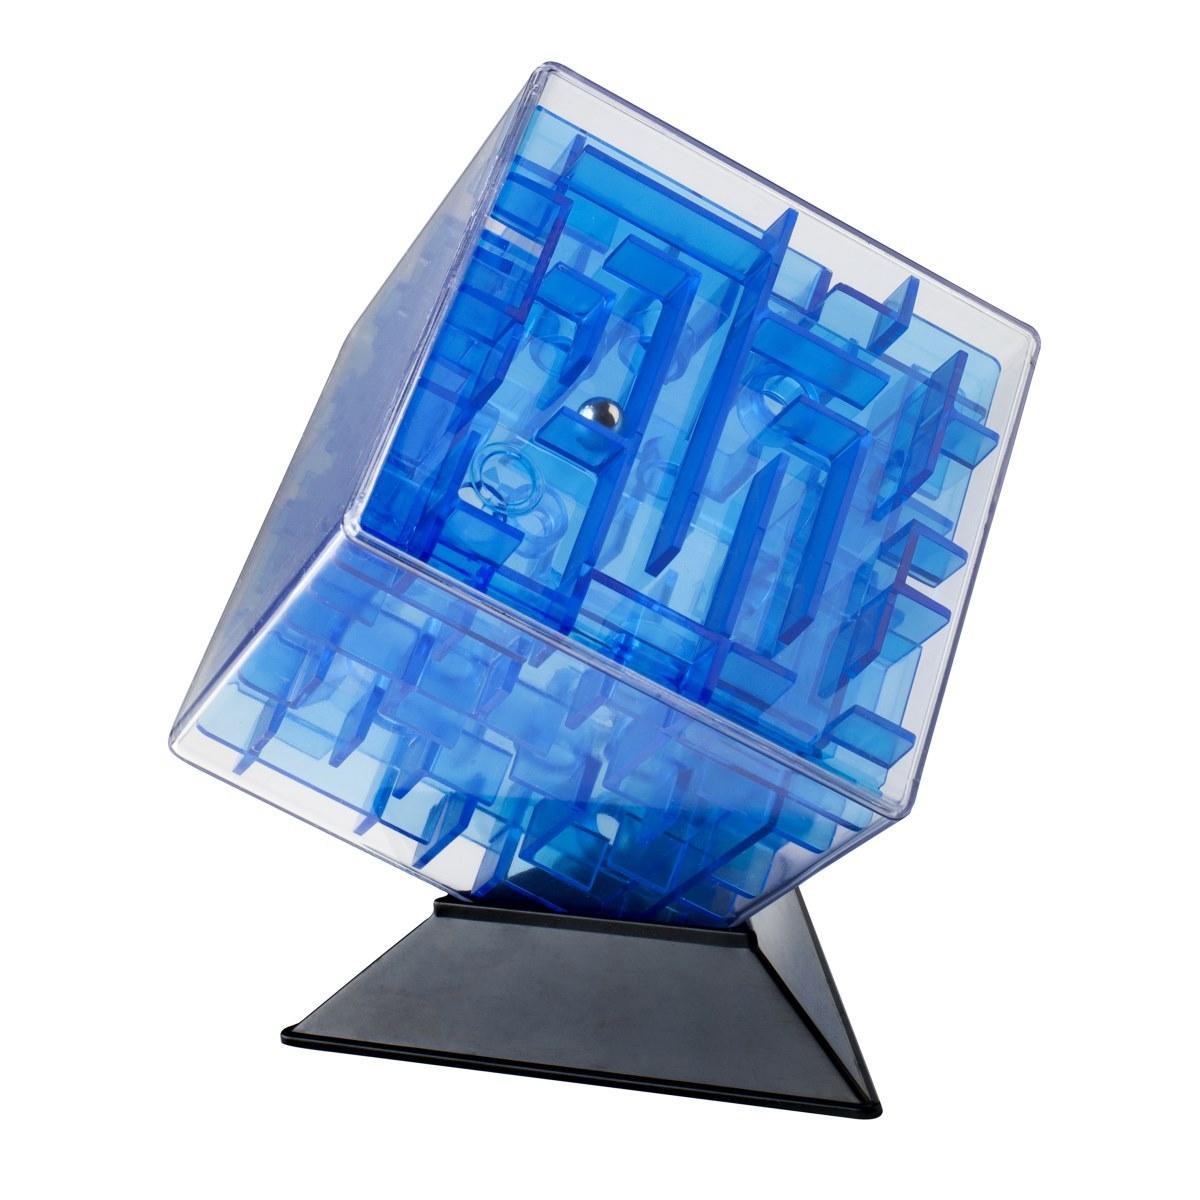 Головоломка из серии Лабиринтус - Куб, 10 см., синий, прозрачный от Toyway